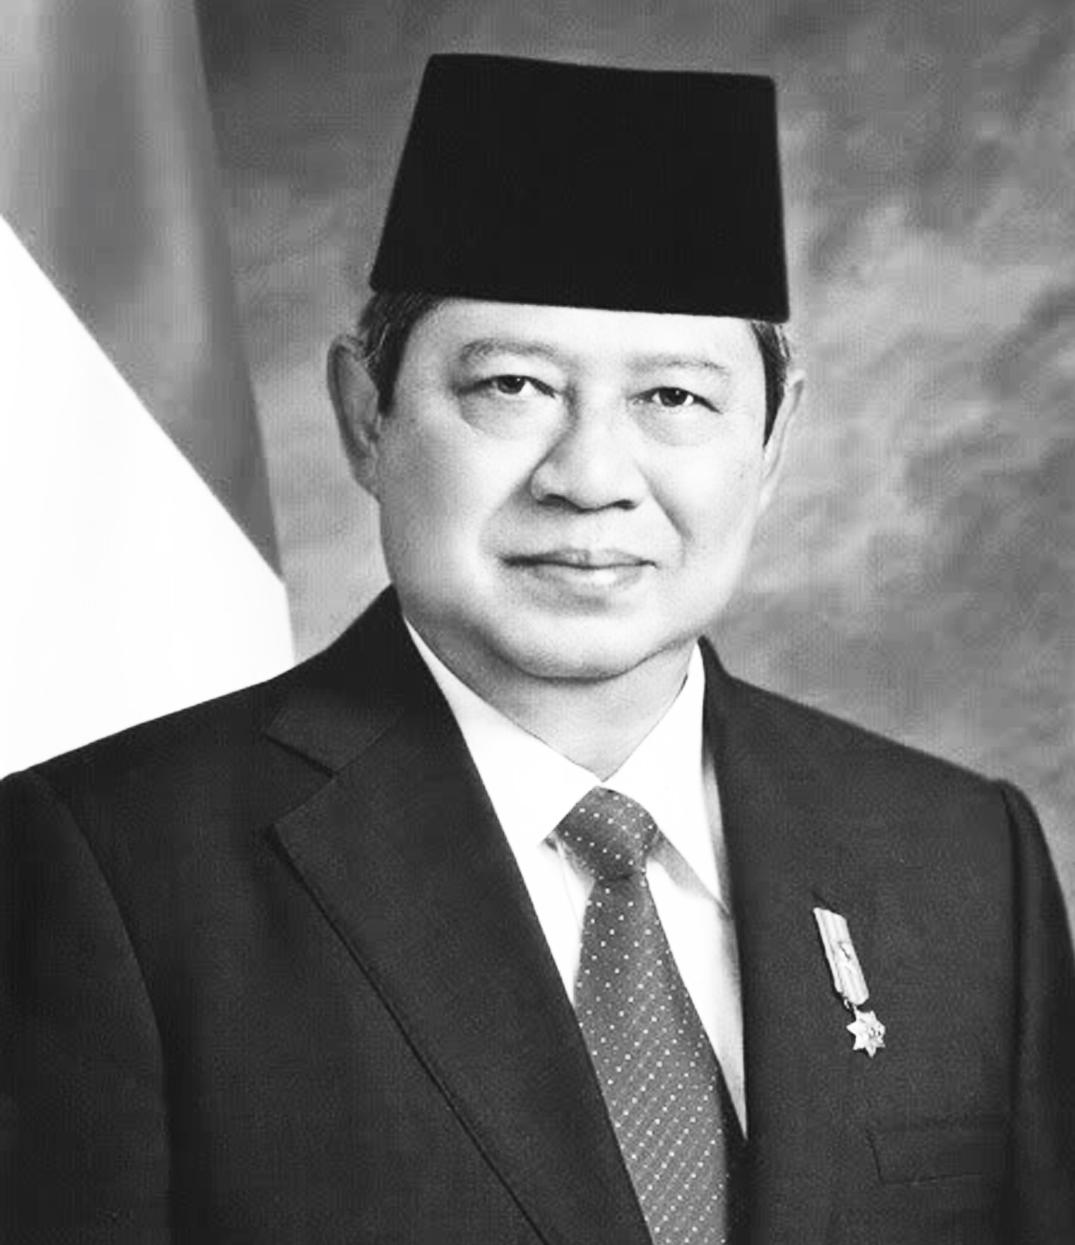 Presiden Susilo Bambang Yudhoyono hitam putih